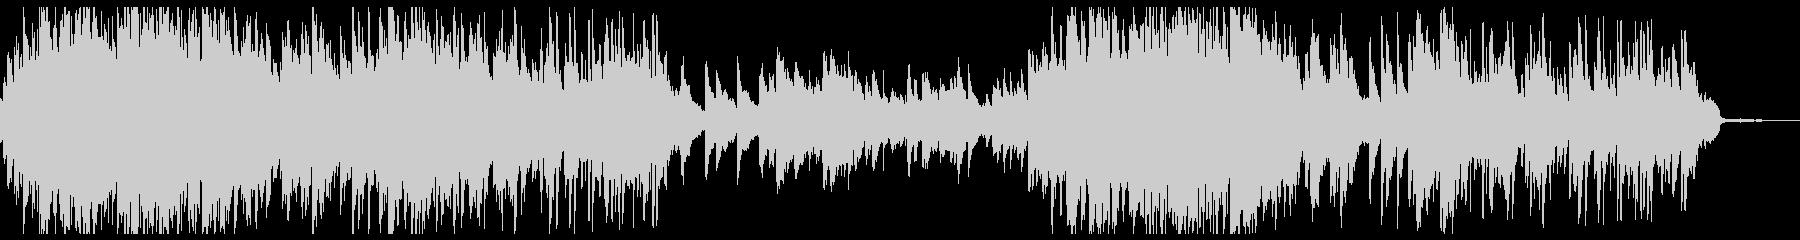 電子処理された不思議なピアノソロ曲の未再生の波形